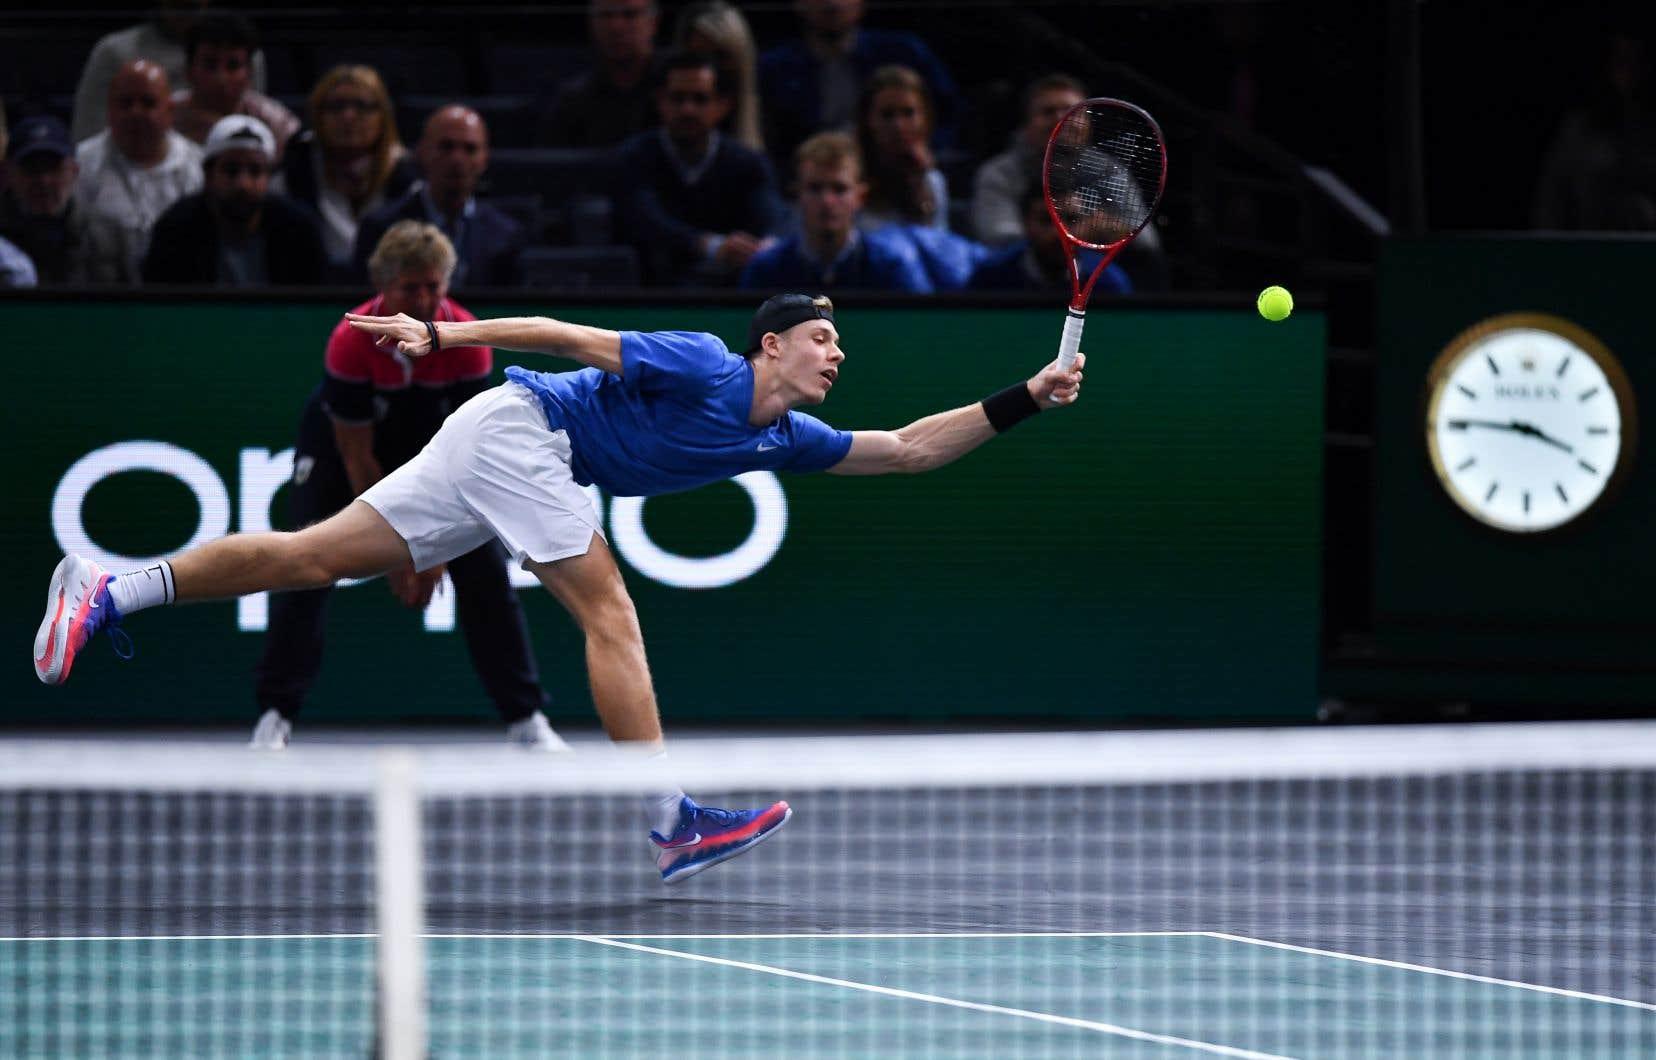 Le tennisman de Richmond Hill, en Ontario, a signé de belles victoires en Asie, avant d'évincer des joueurs du top-15.